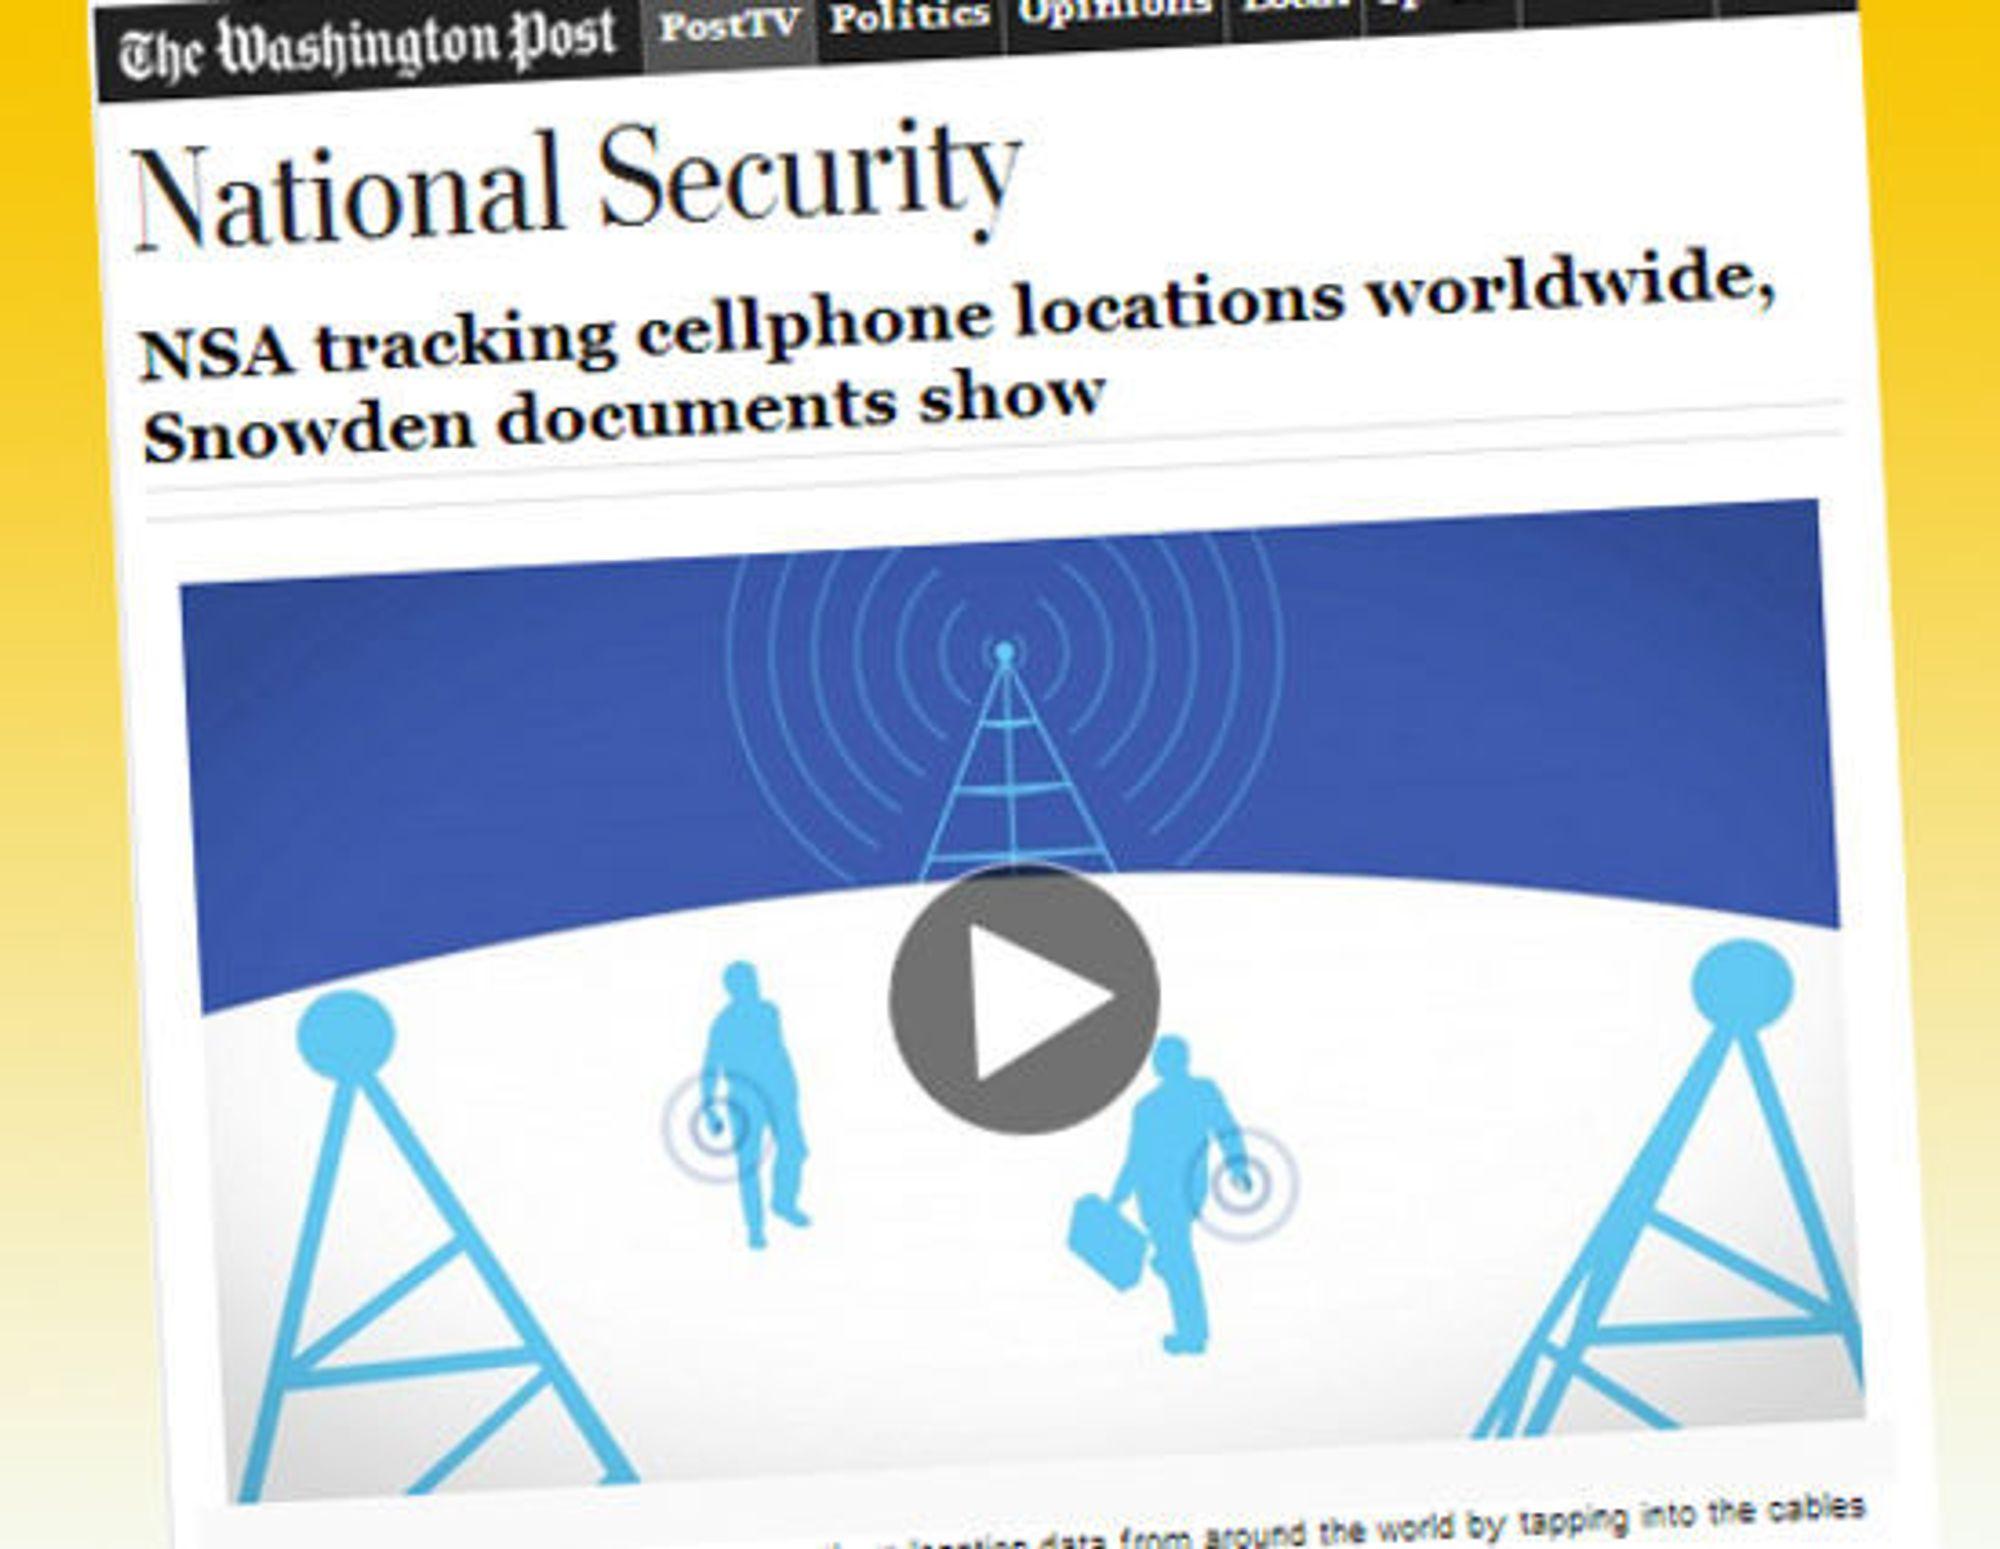 Washington Post bruker animert grafikk for å forklare hvordan NSA henter data fra basestasjoner verden over for å spore flere hundre millioner mobiltelefoner.